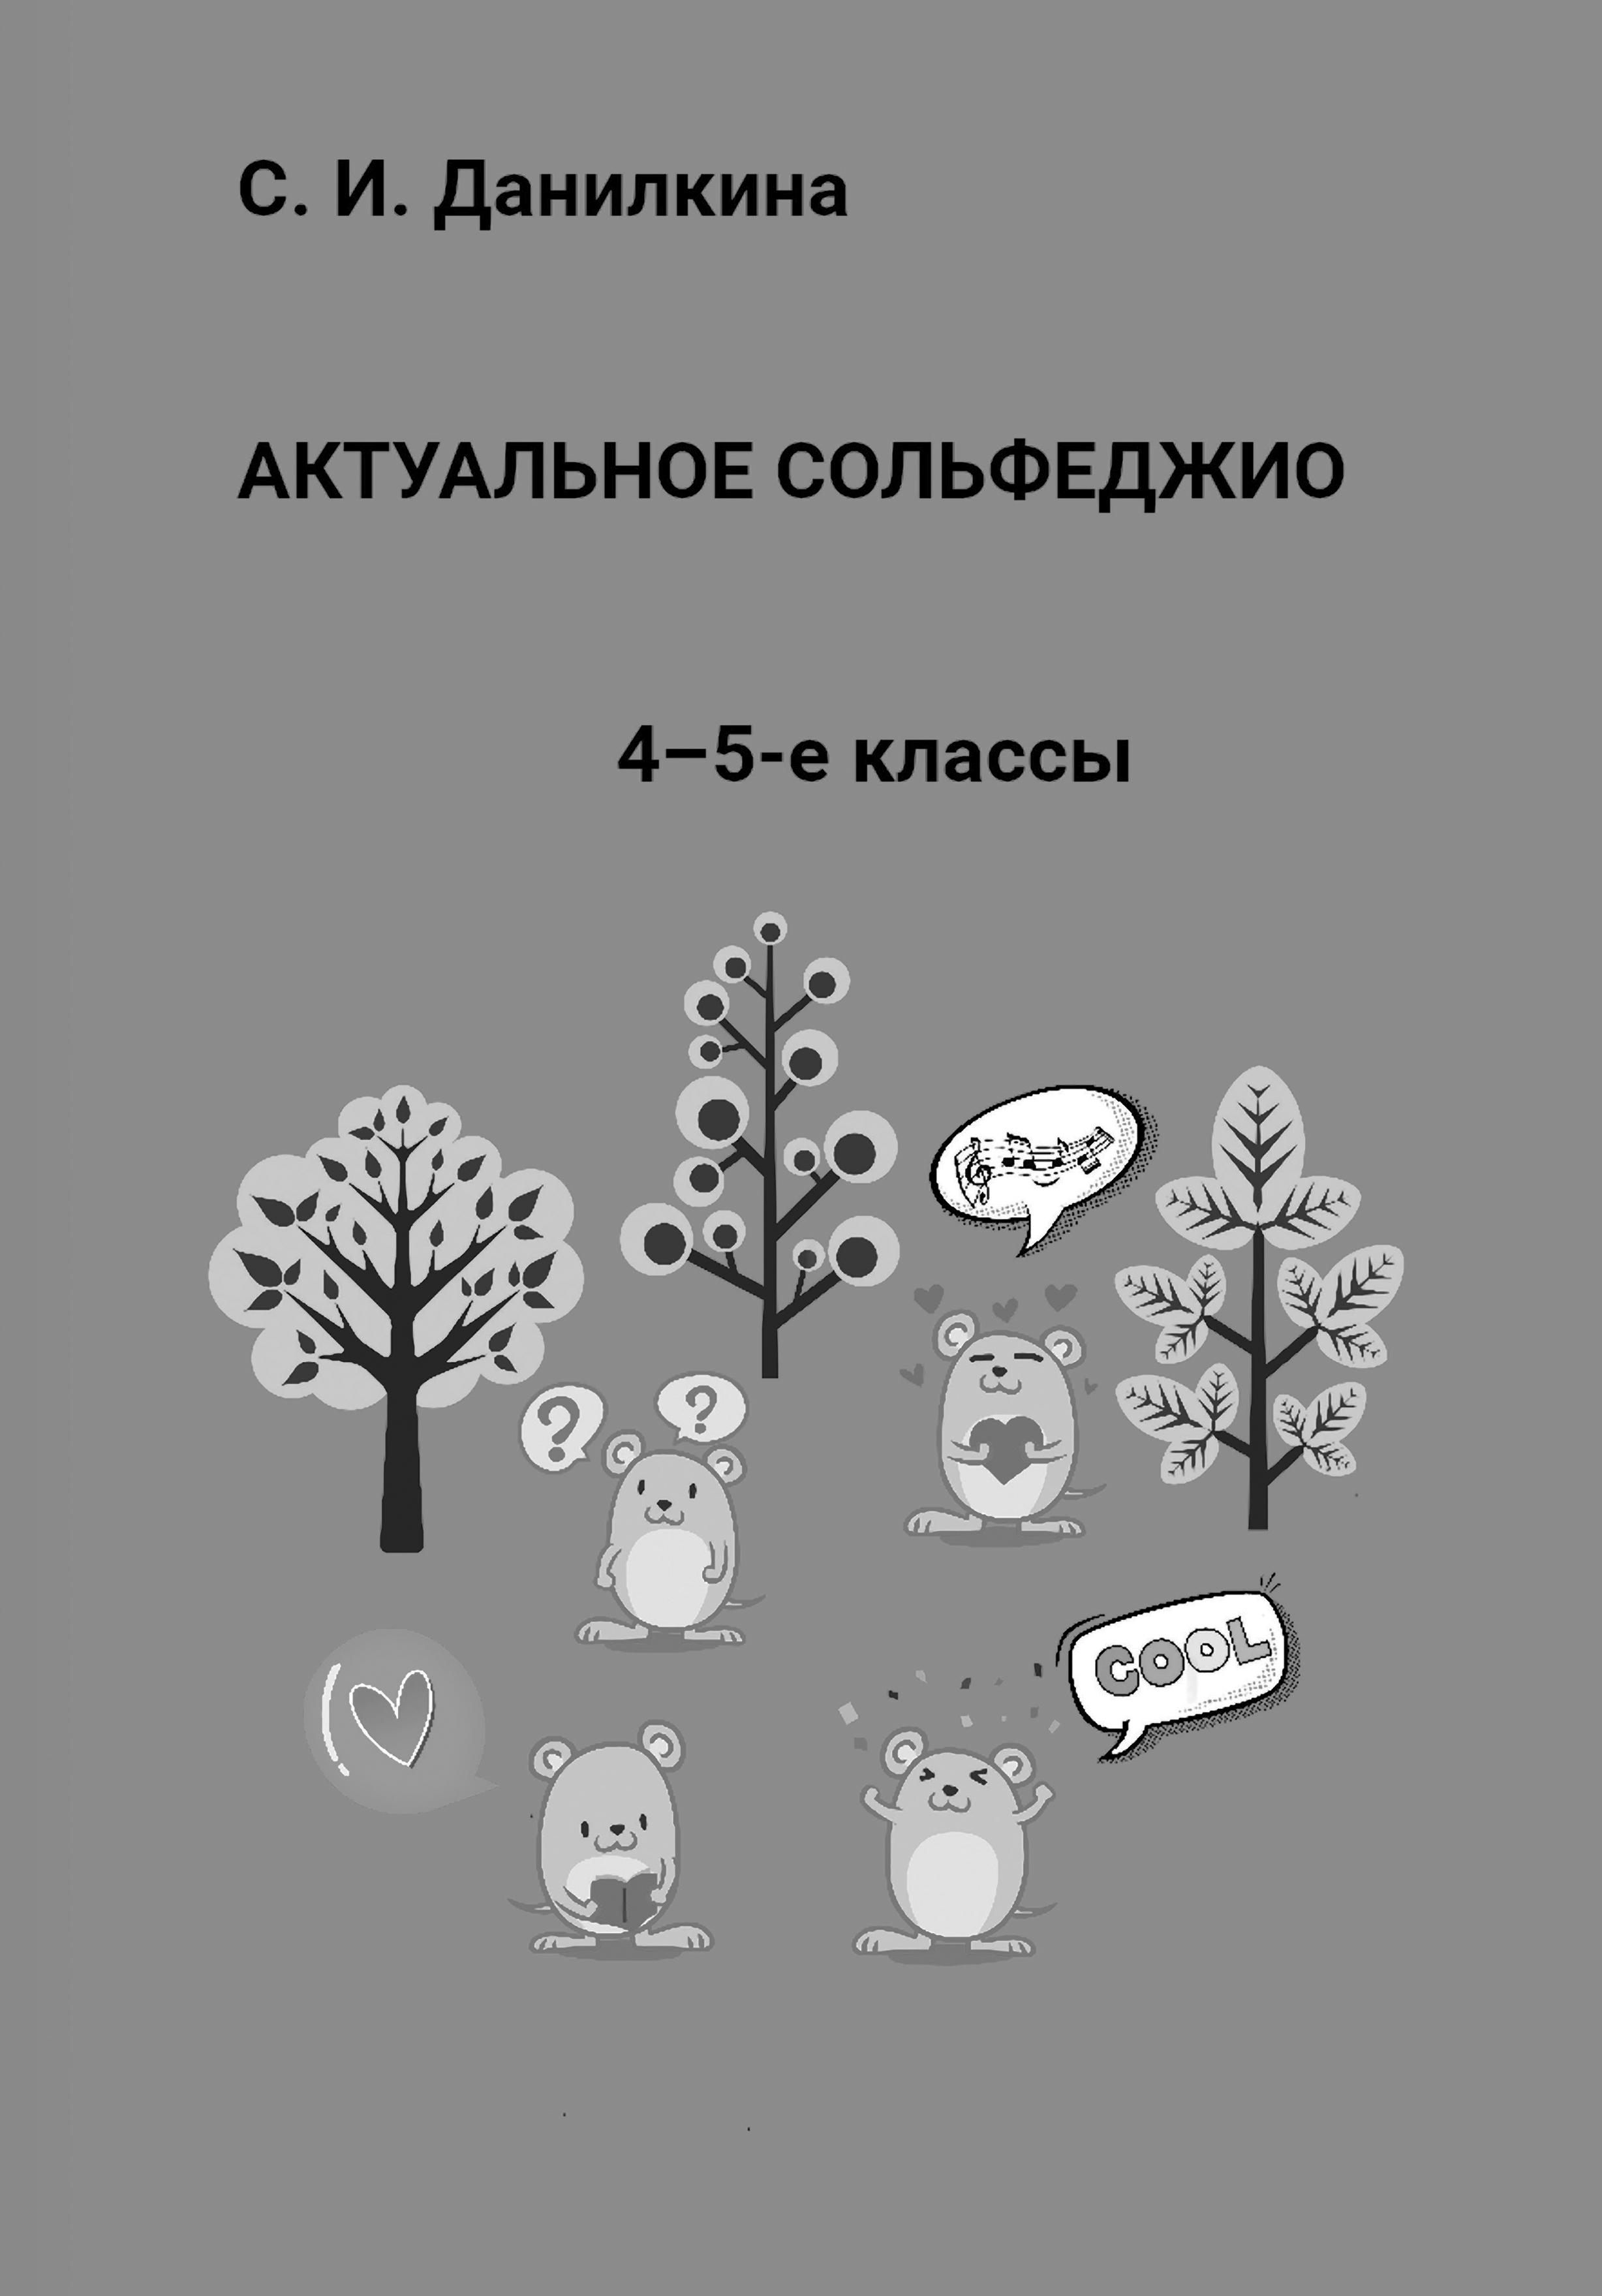 С. И. Данилкина Актуальное сольфеджио. 4-5-е классы